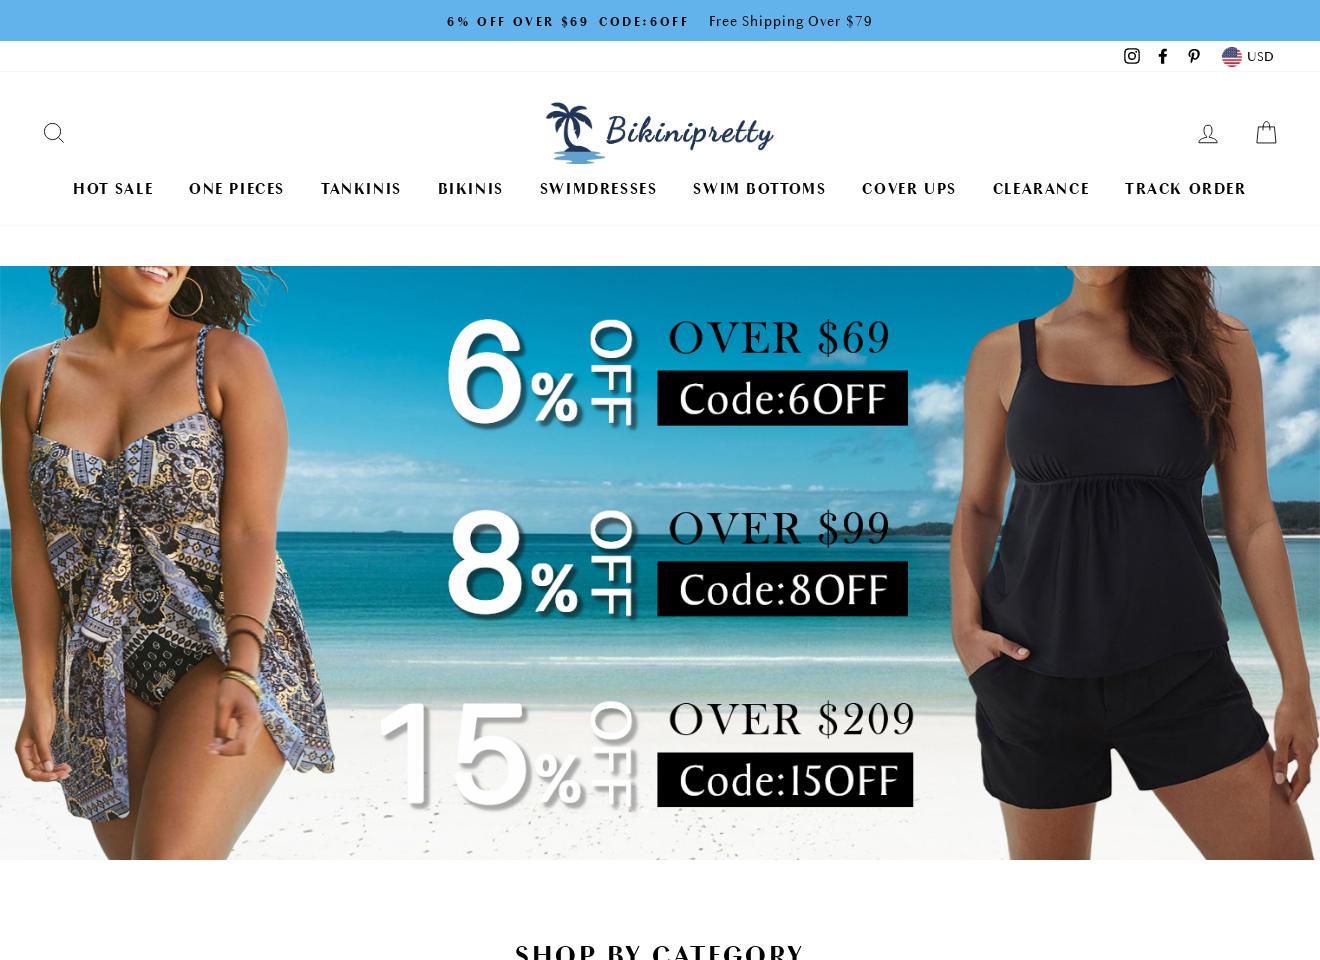 bikinipretty.com